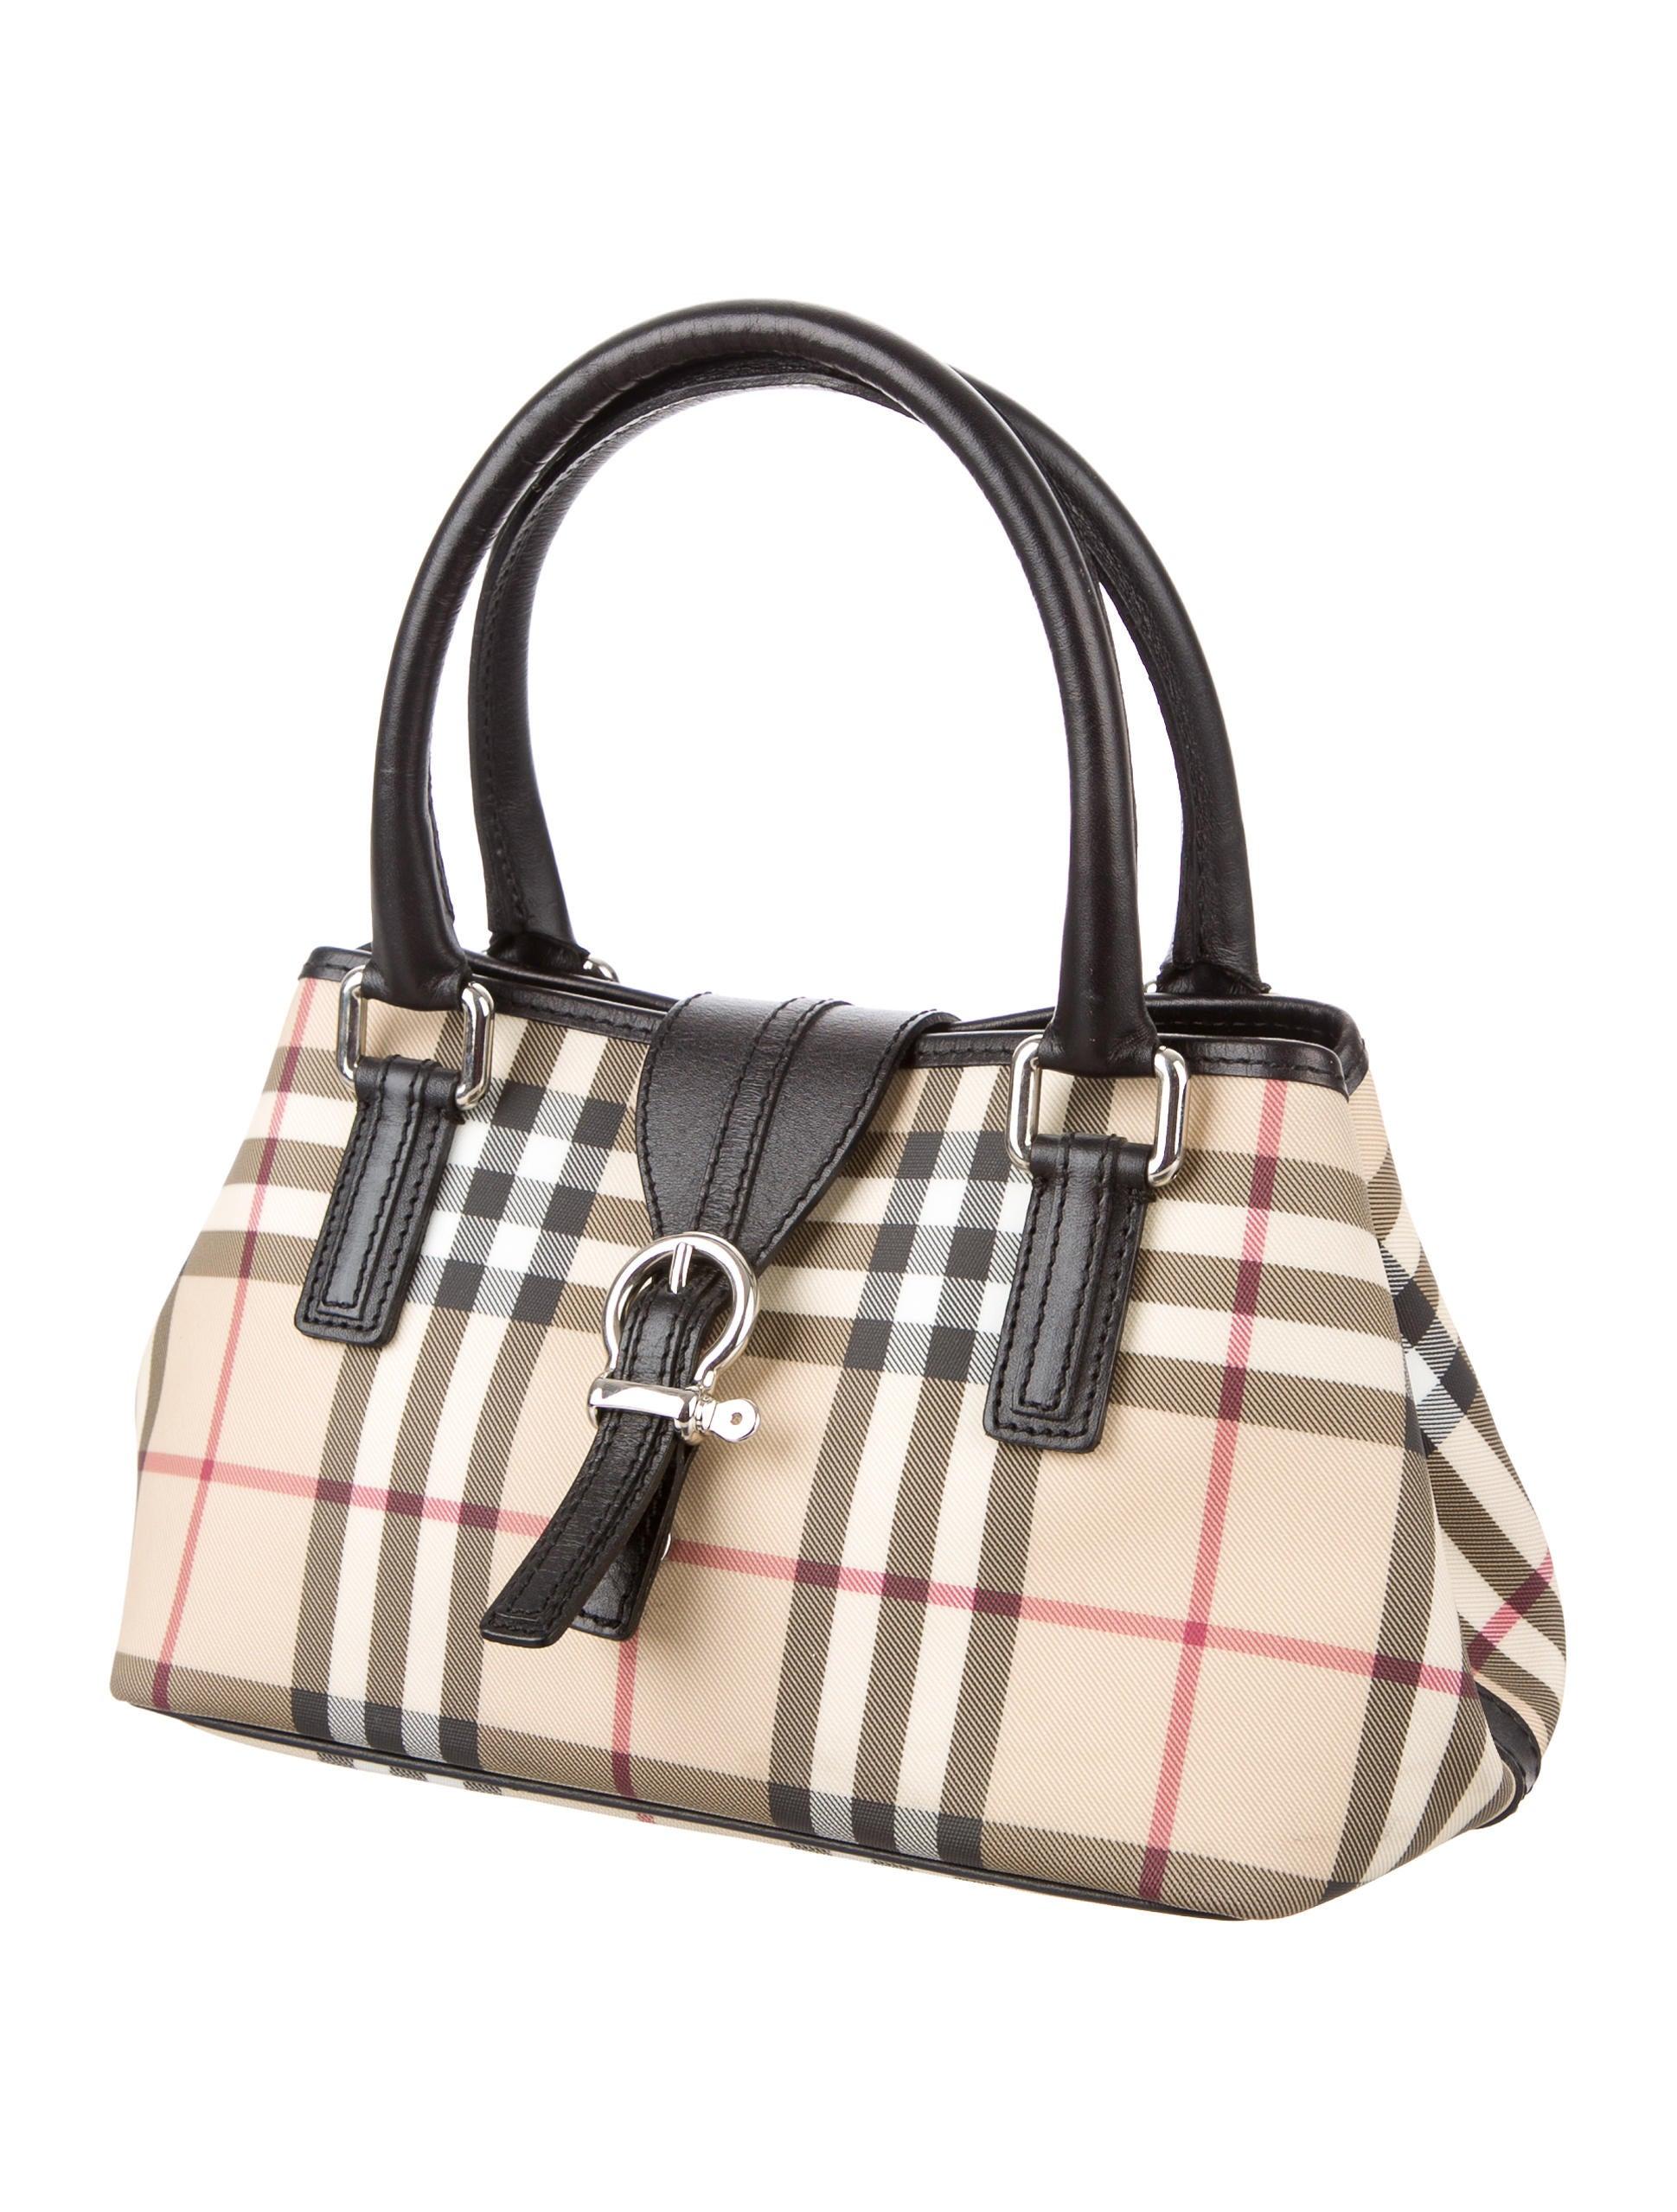 Burberry Nova Check Eden Bag - Handbags - BUR66953 | The ...